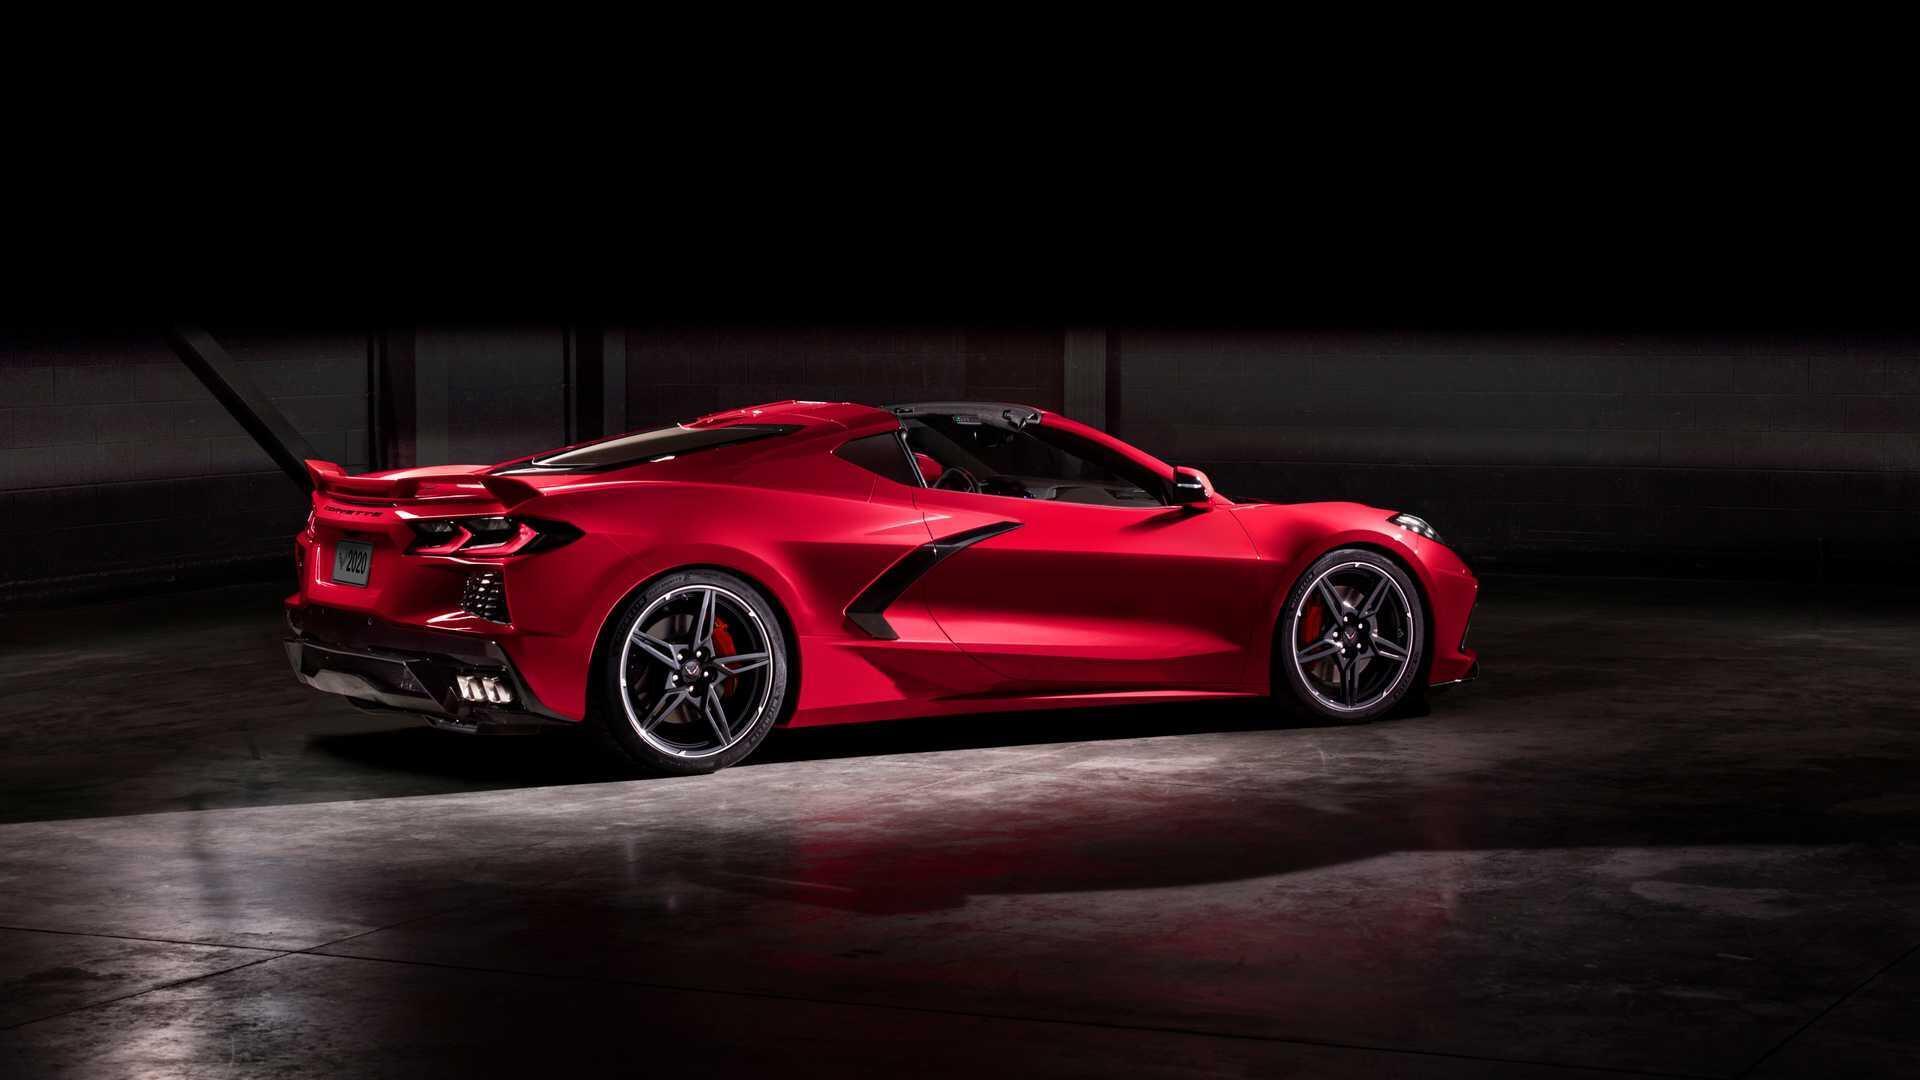 https://cdn.dailyxe.com.vn/image/chevrolet-corvette-2020-co-mot-so-tinh-nang-an-tuyet-voi-57-94559j2.jpg